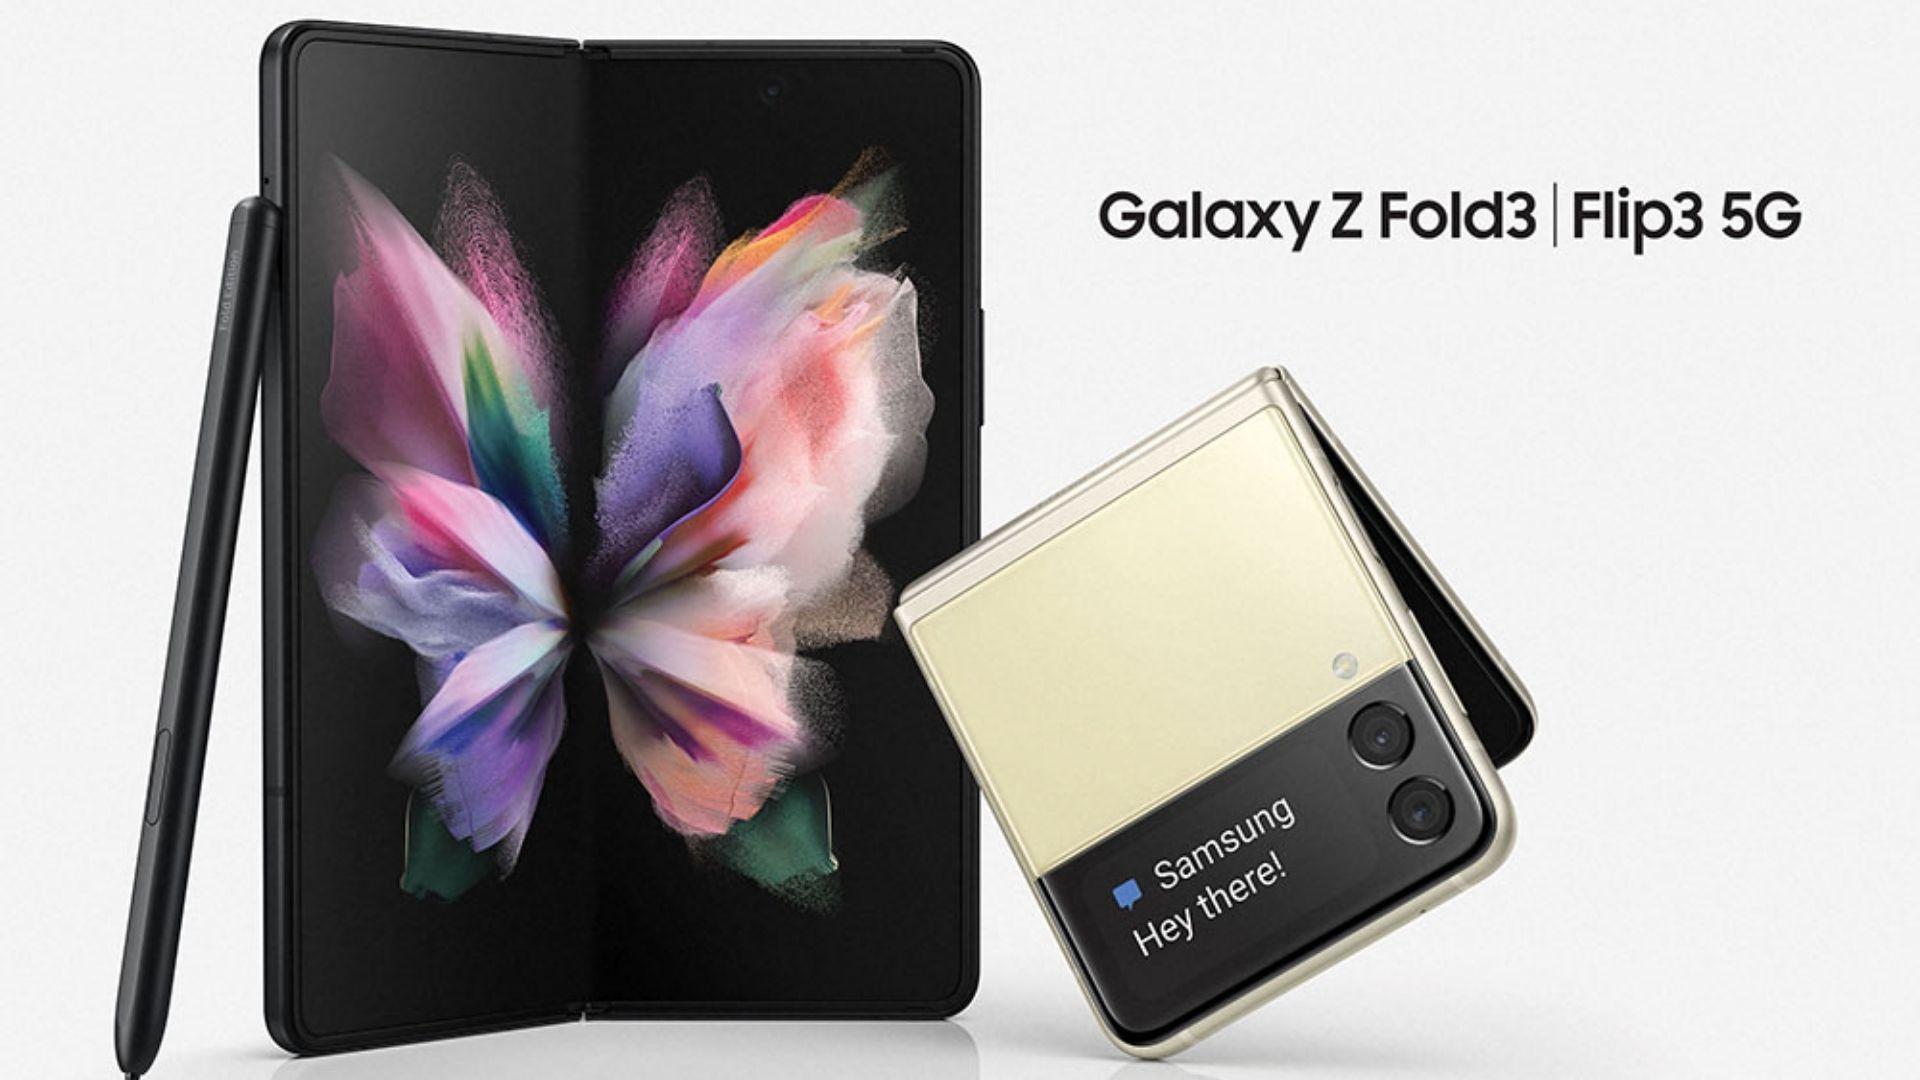 Galaxy Z Fold 3 ao lado do Galaxy Z Flip 3 em fundo branco (Divulgação/Samsung)